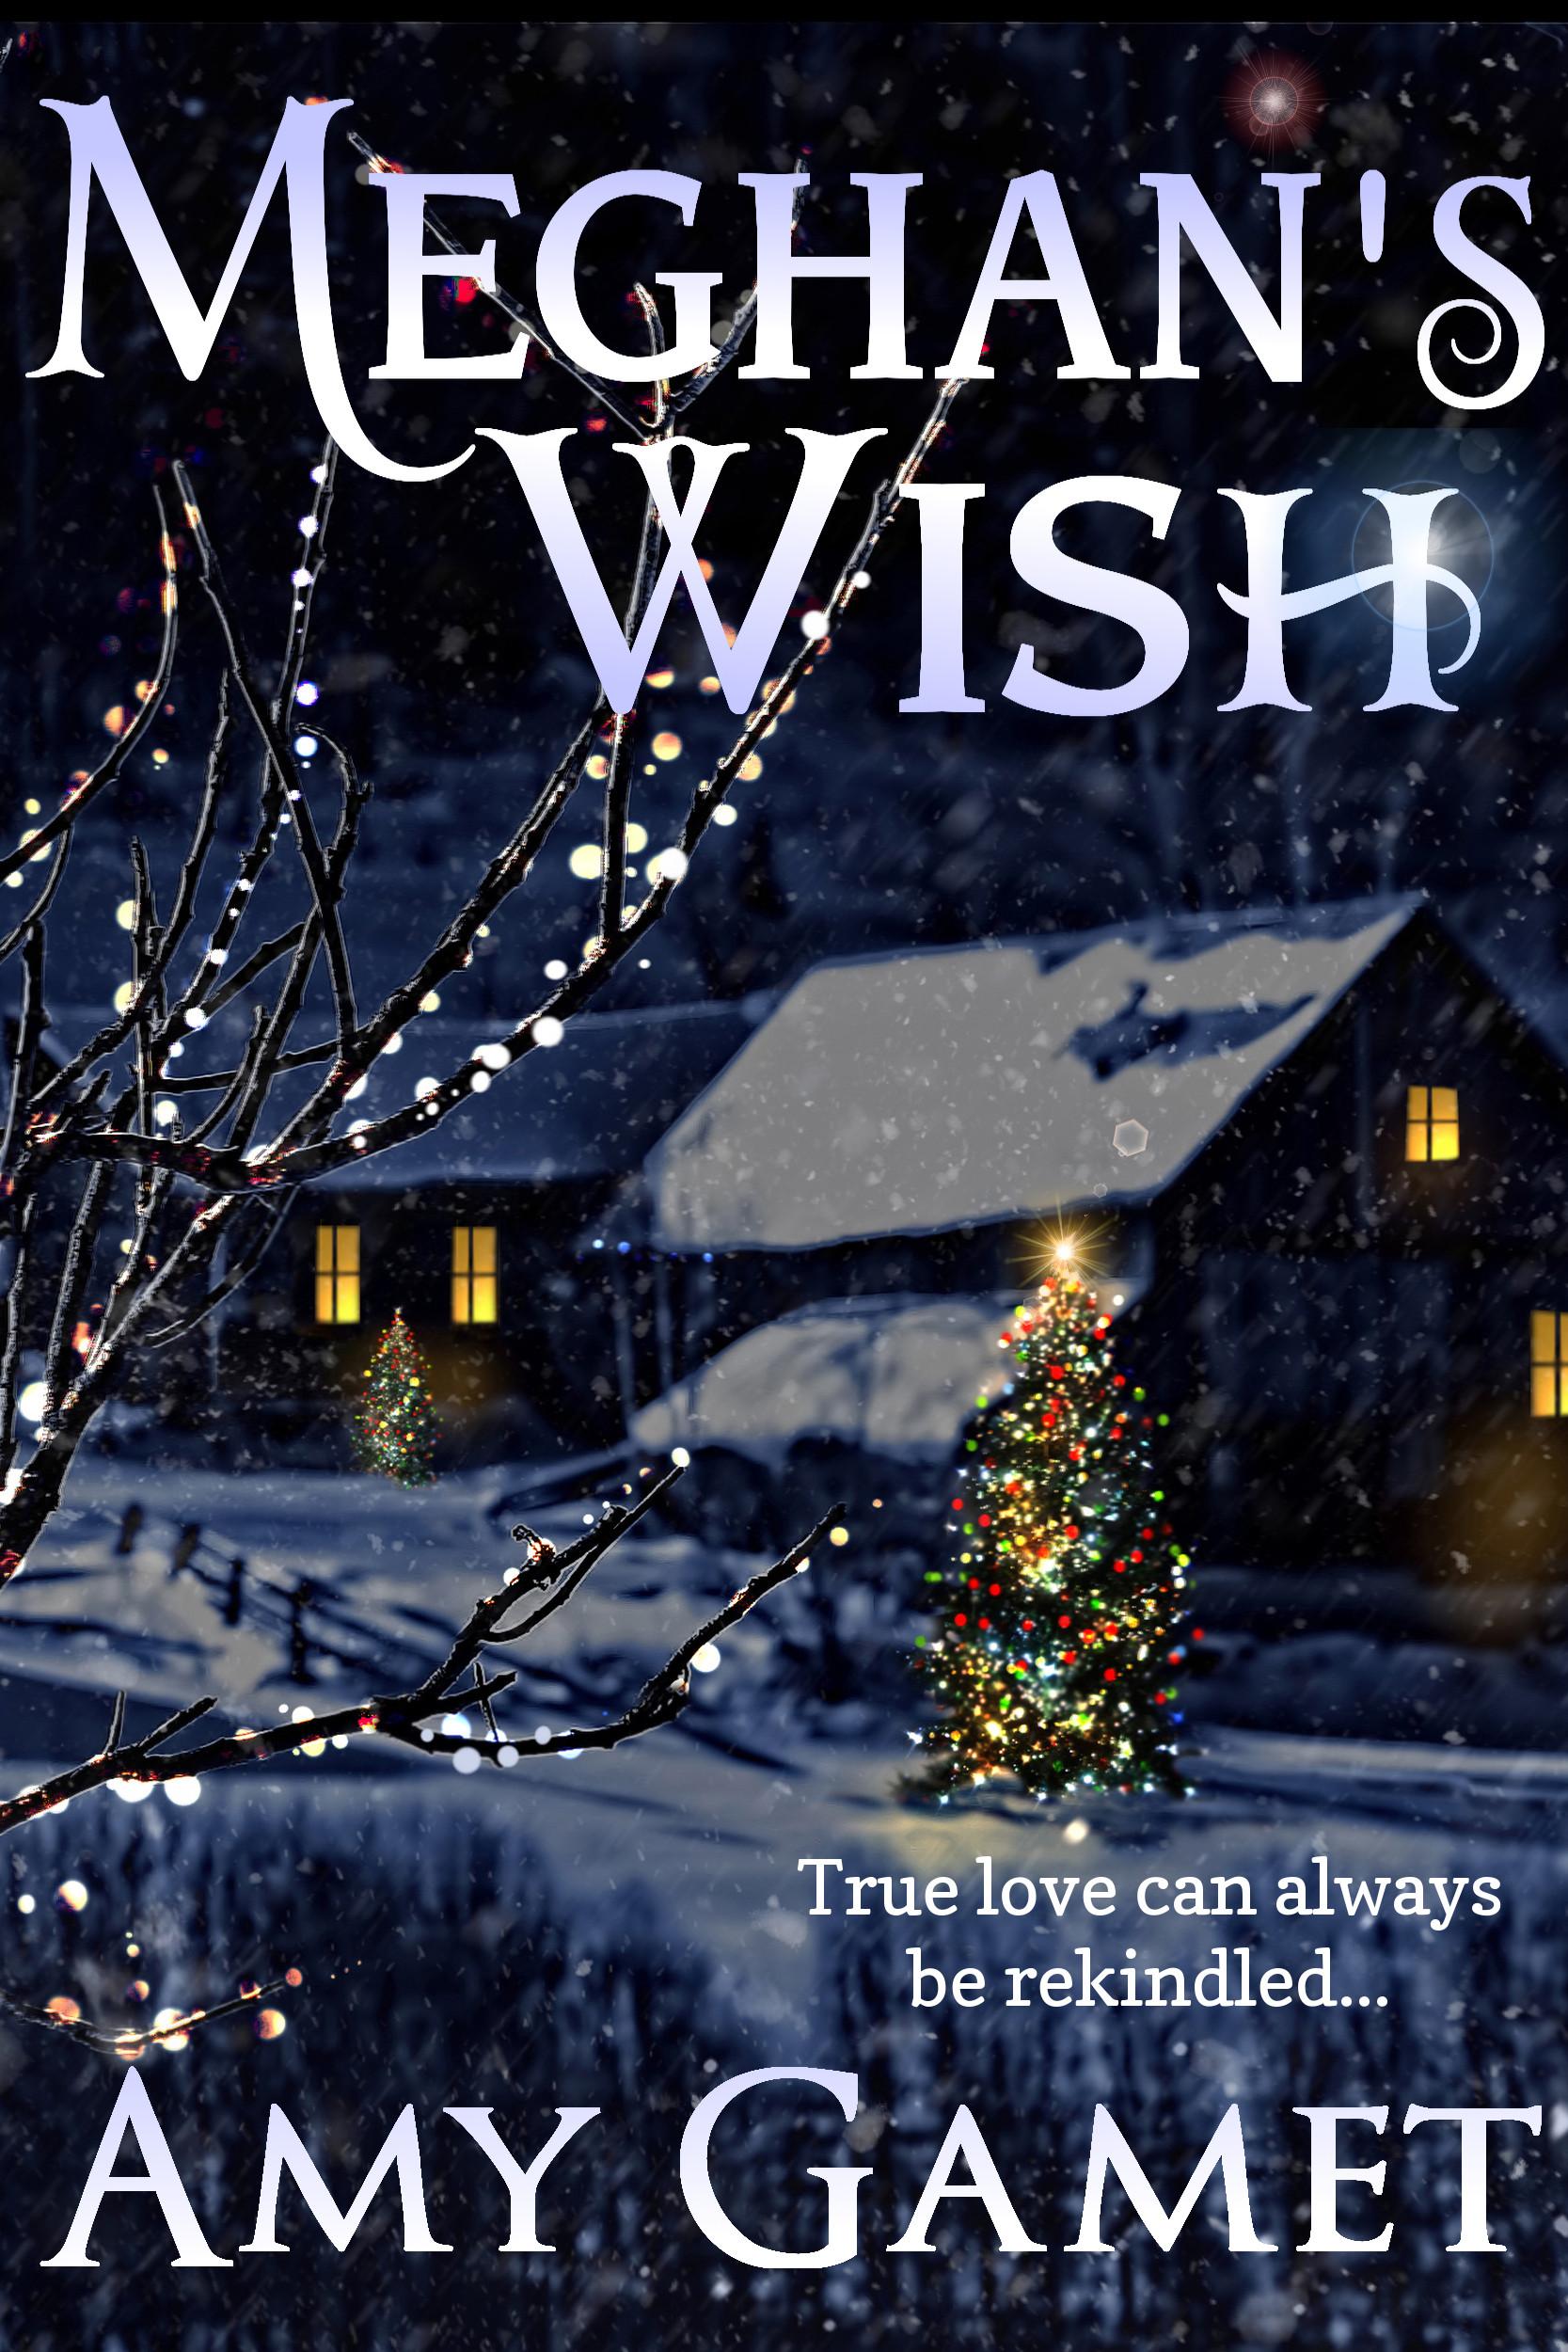 Amy Gamet - Meghan's Wish